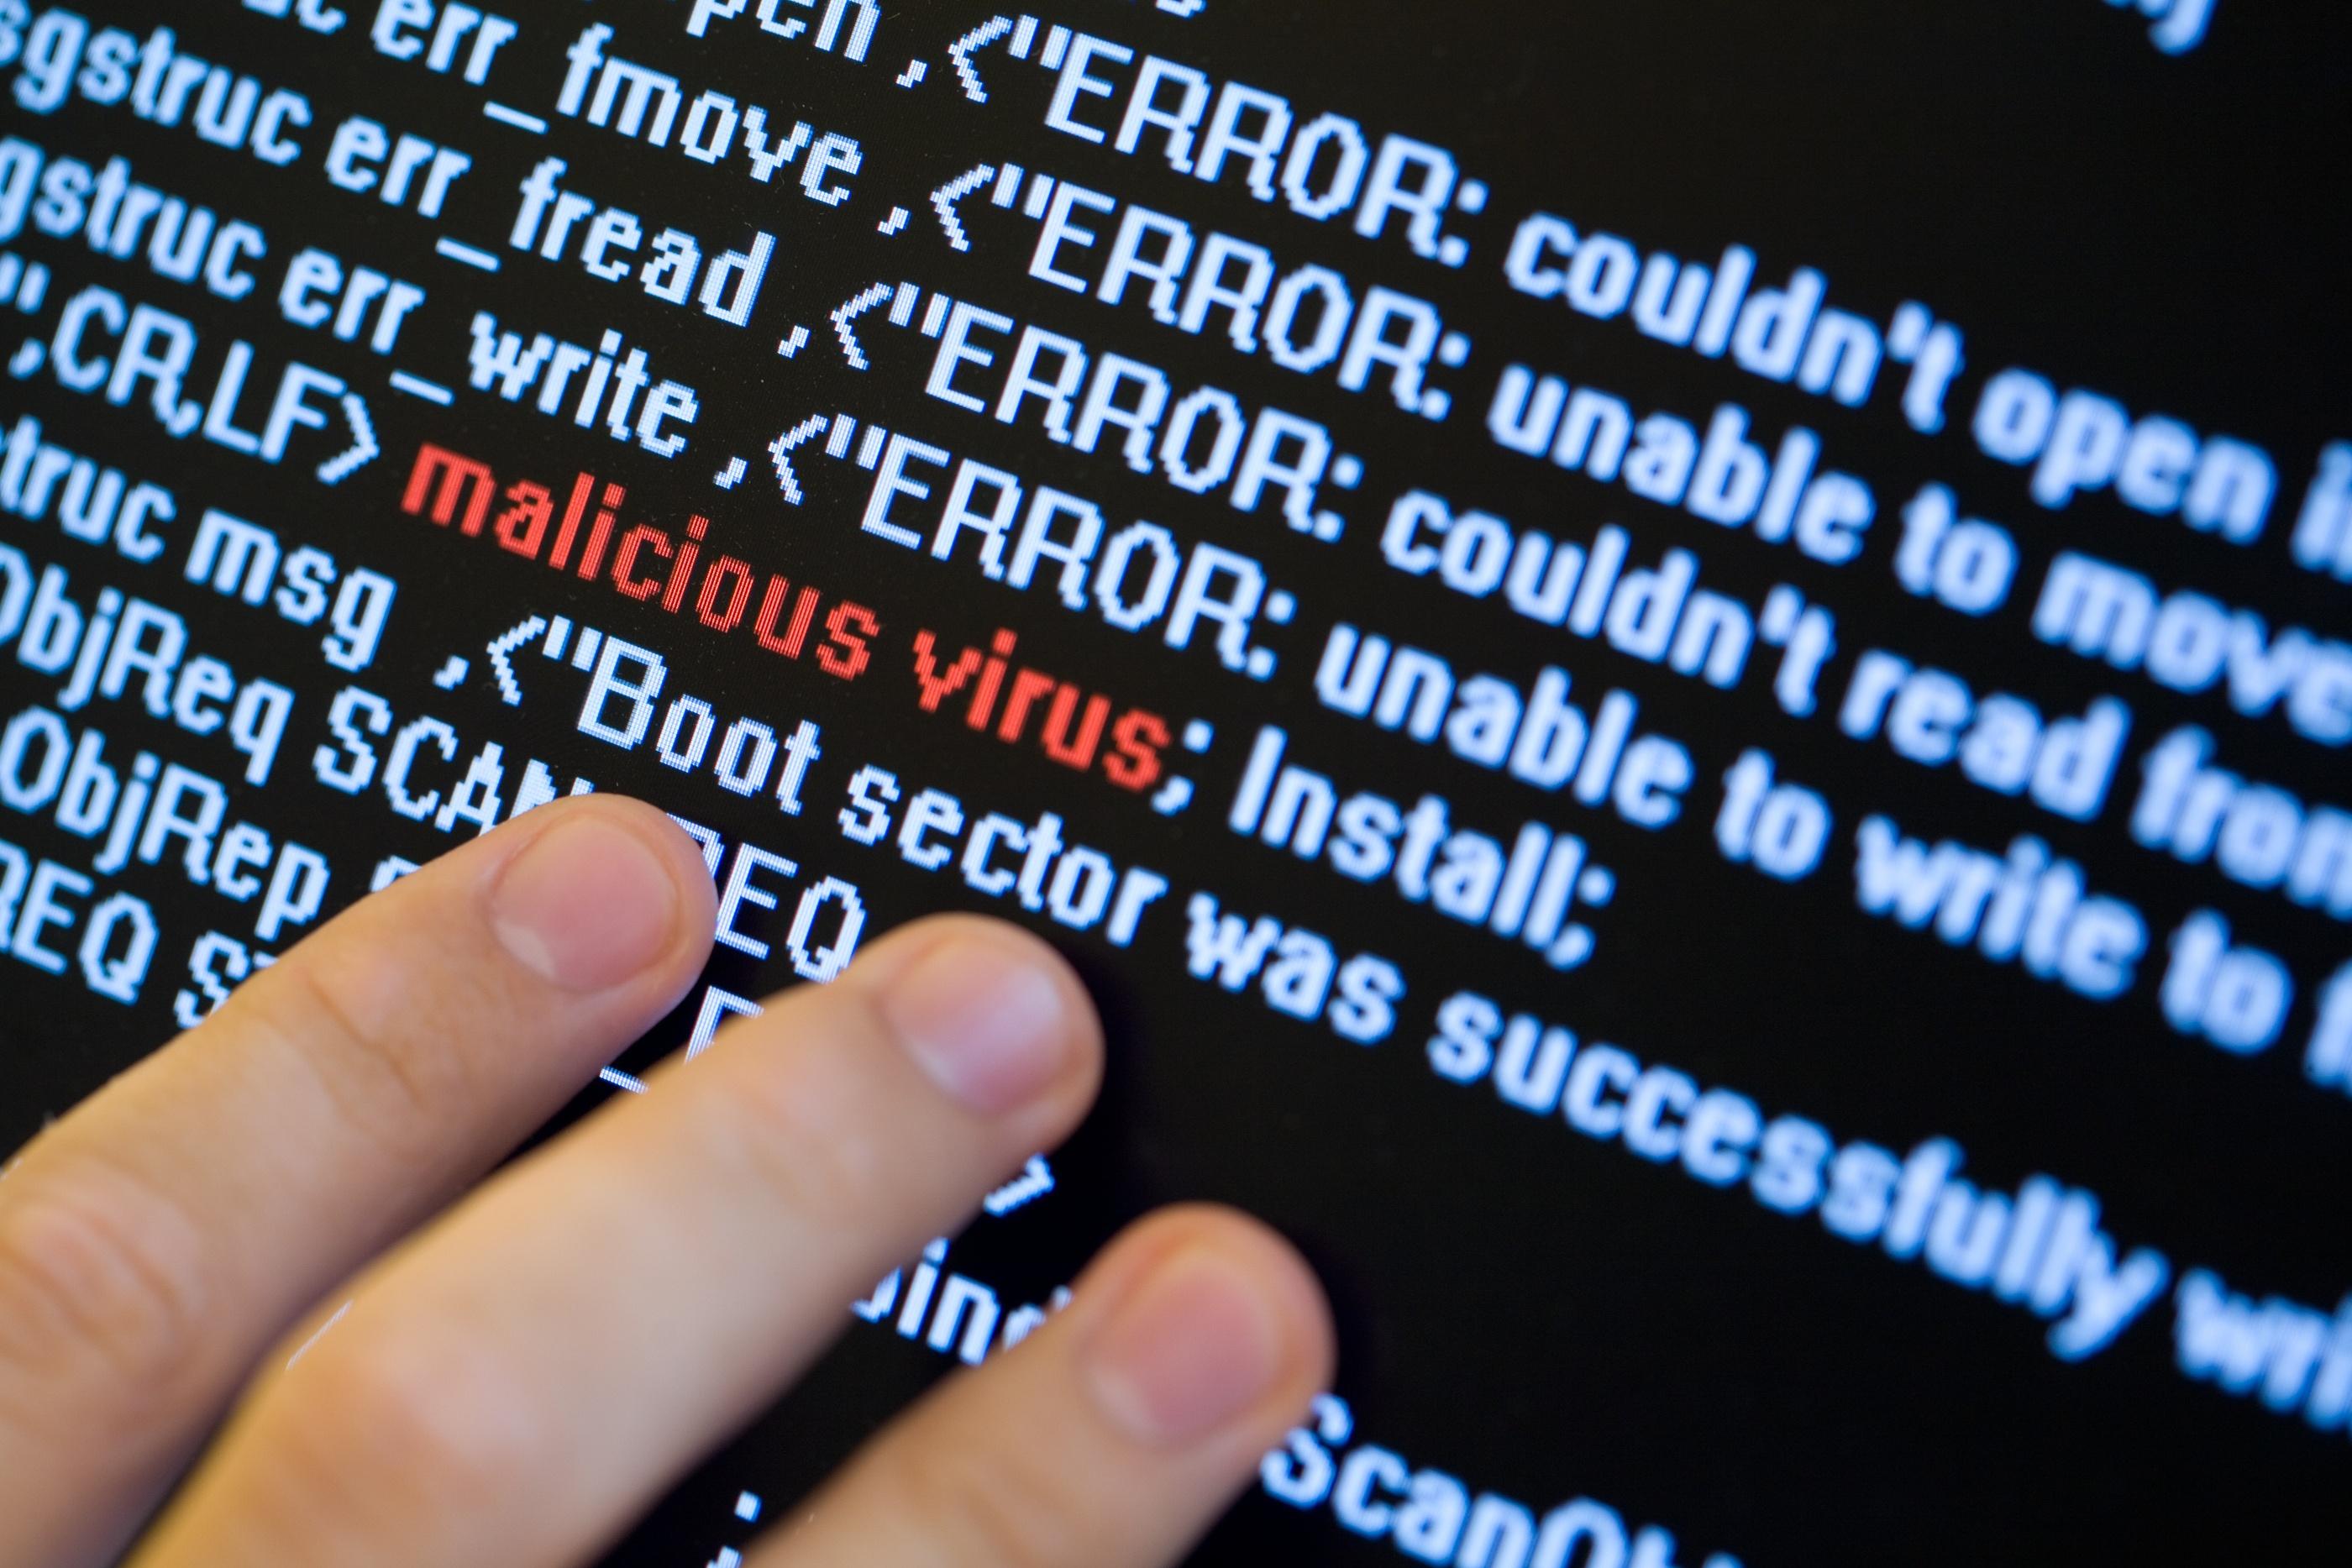 bigstock-Searching-For-Virus-5671161.jpg